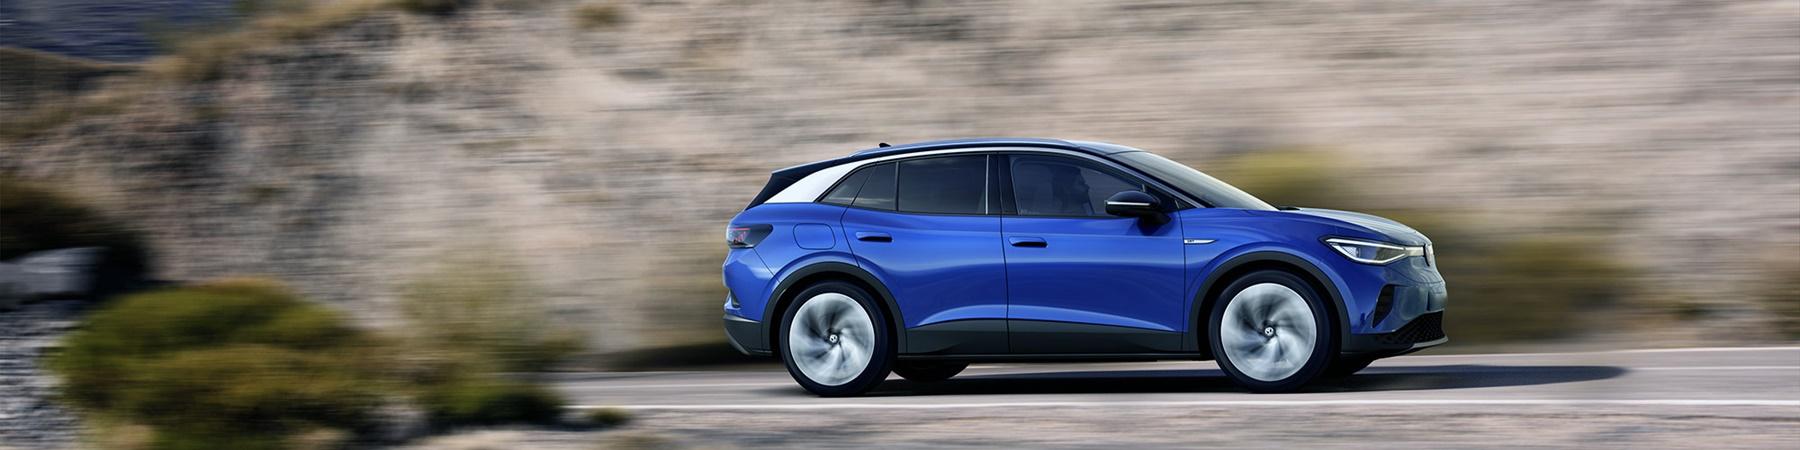 Volkswagen ID.4 52kWh 292 km actieradius